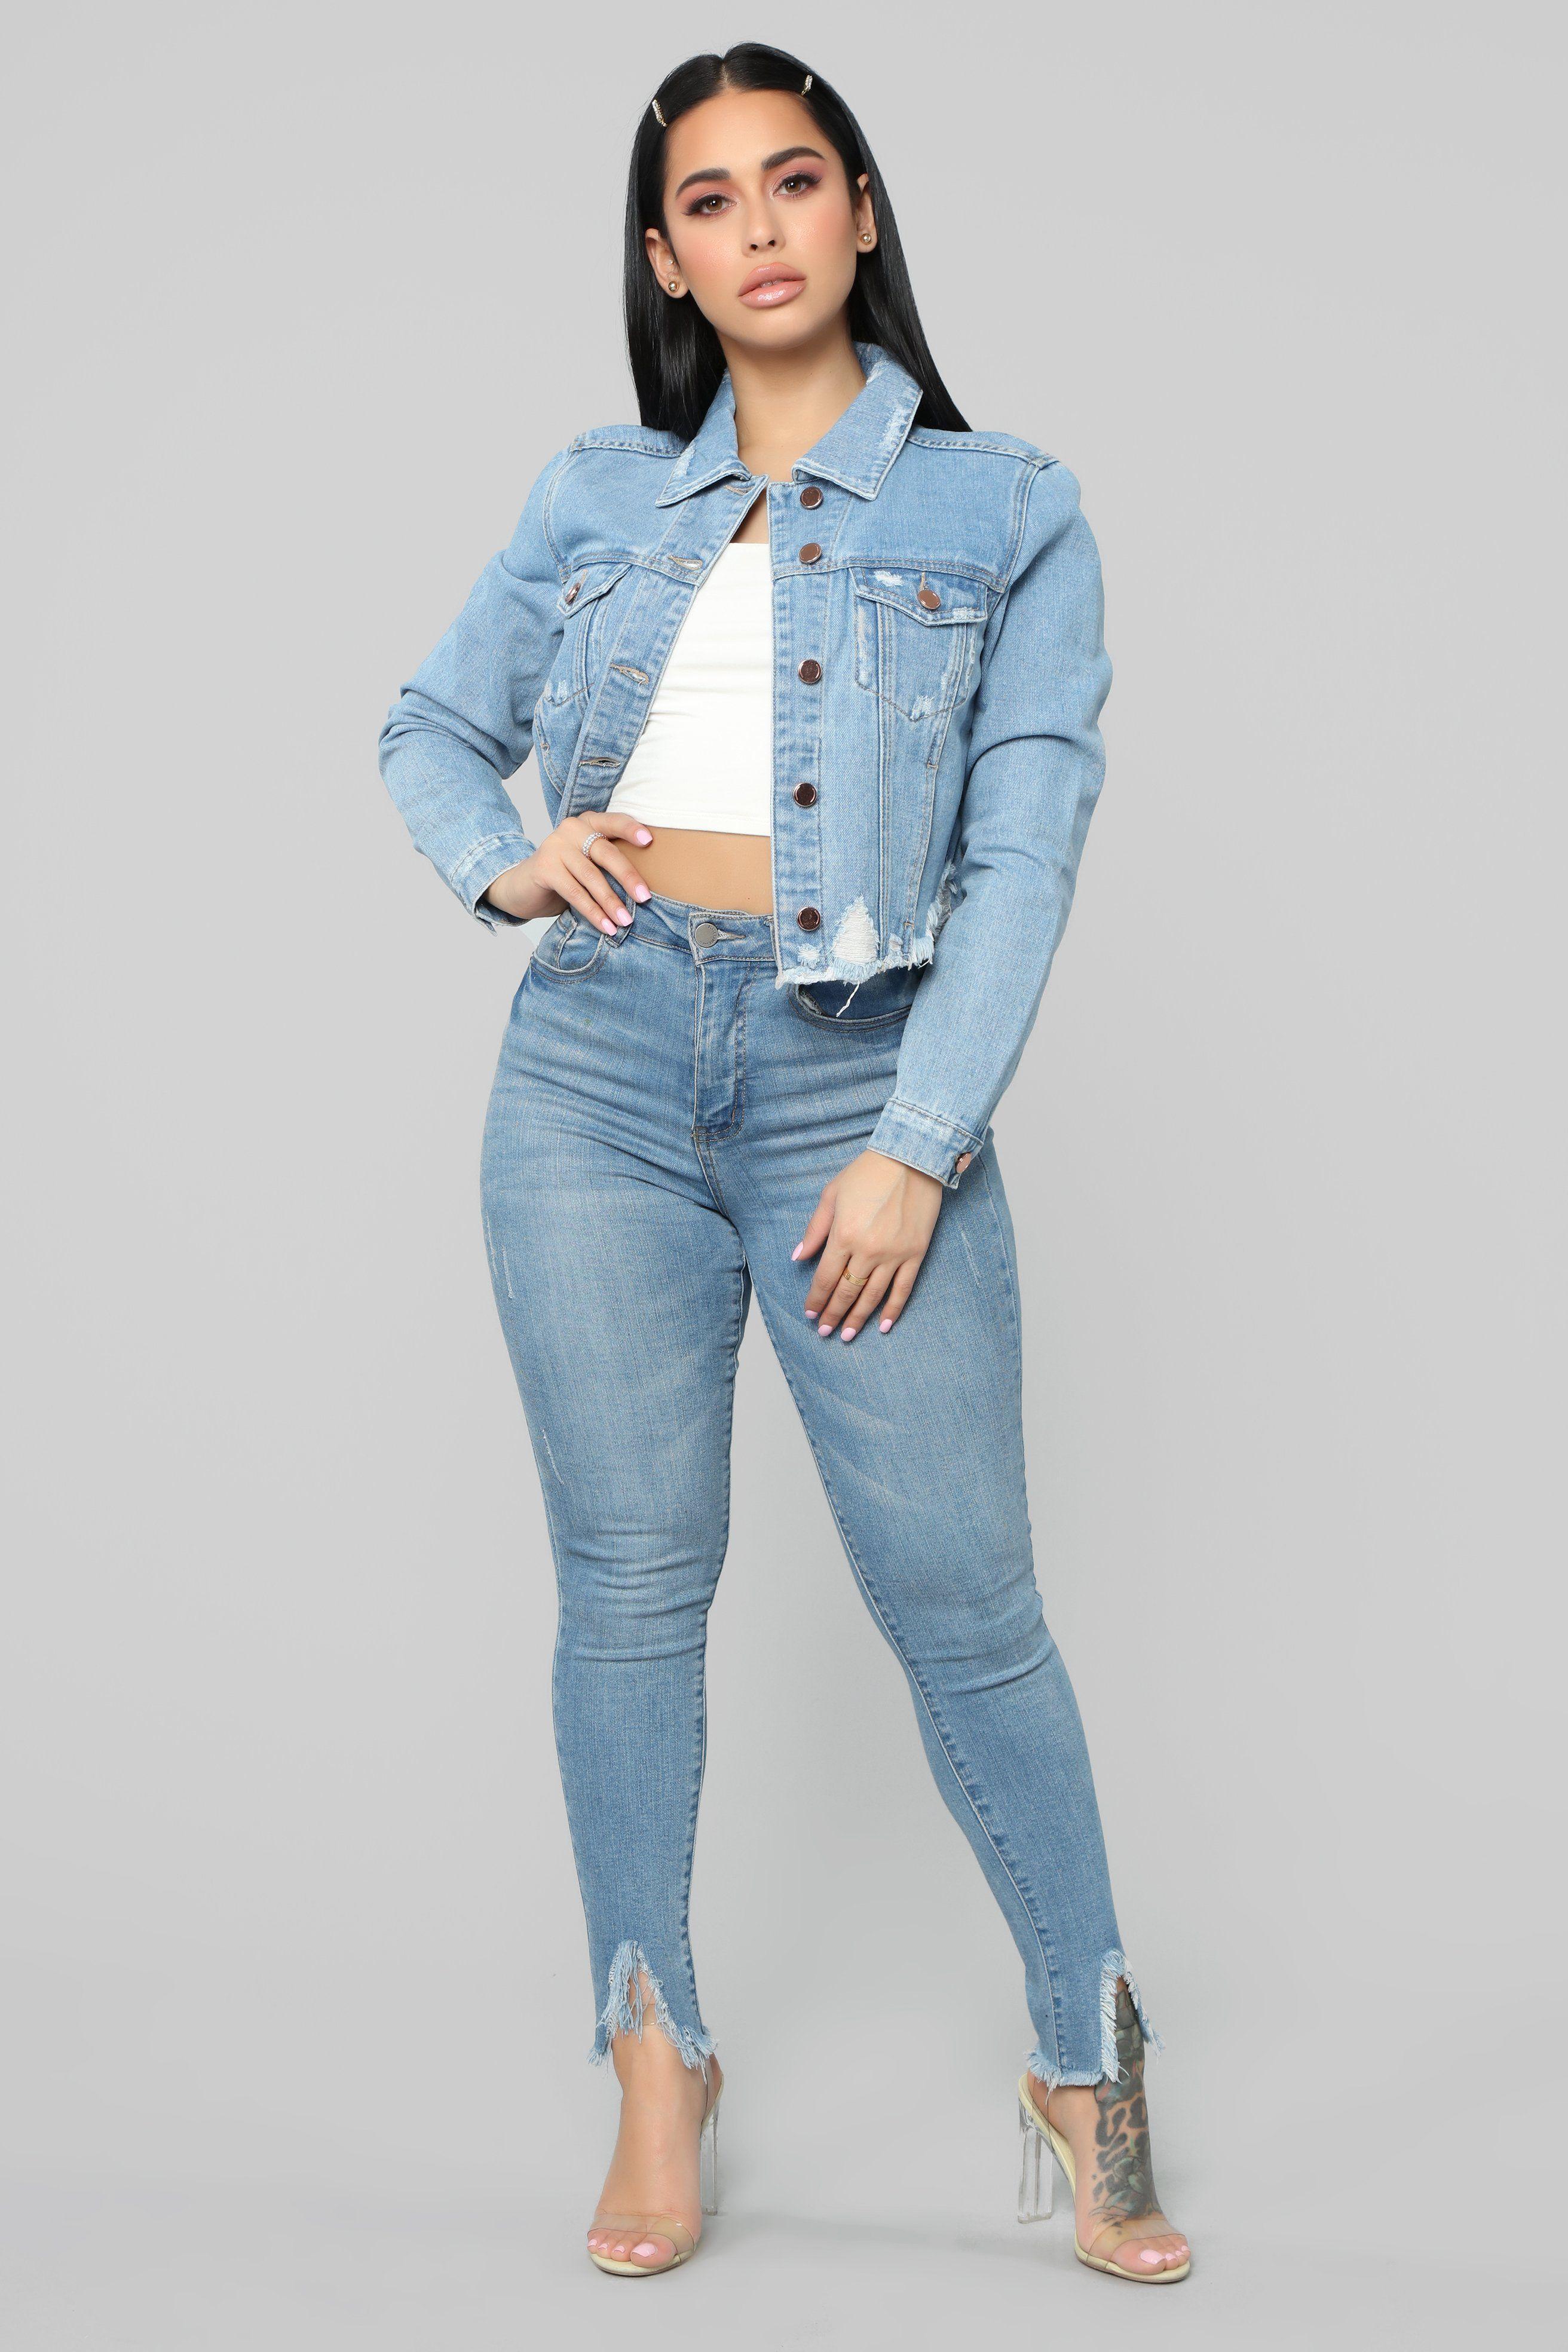 Never Give Up Denim Jacket Light Wash In 2021 Light Wash Denim Jacket Denim Jacket Jean Jacket For Girls [ 3936 x 2624 Pixel ]